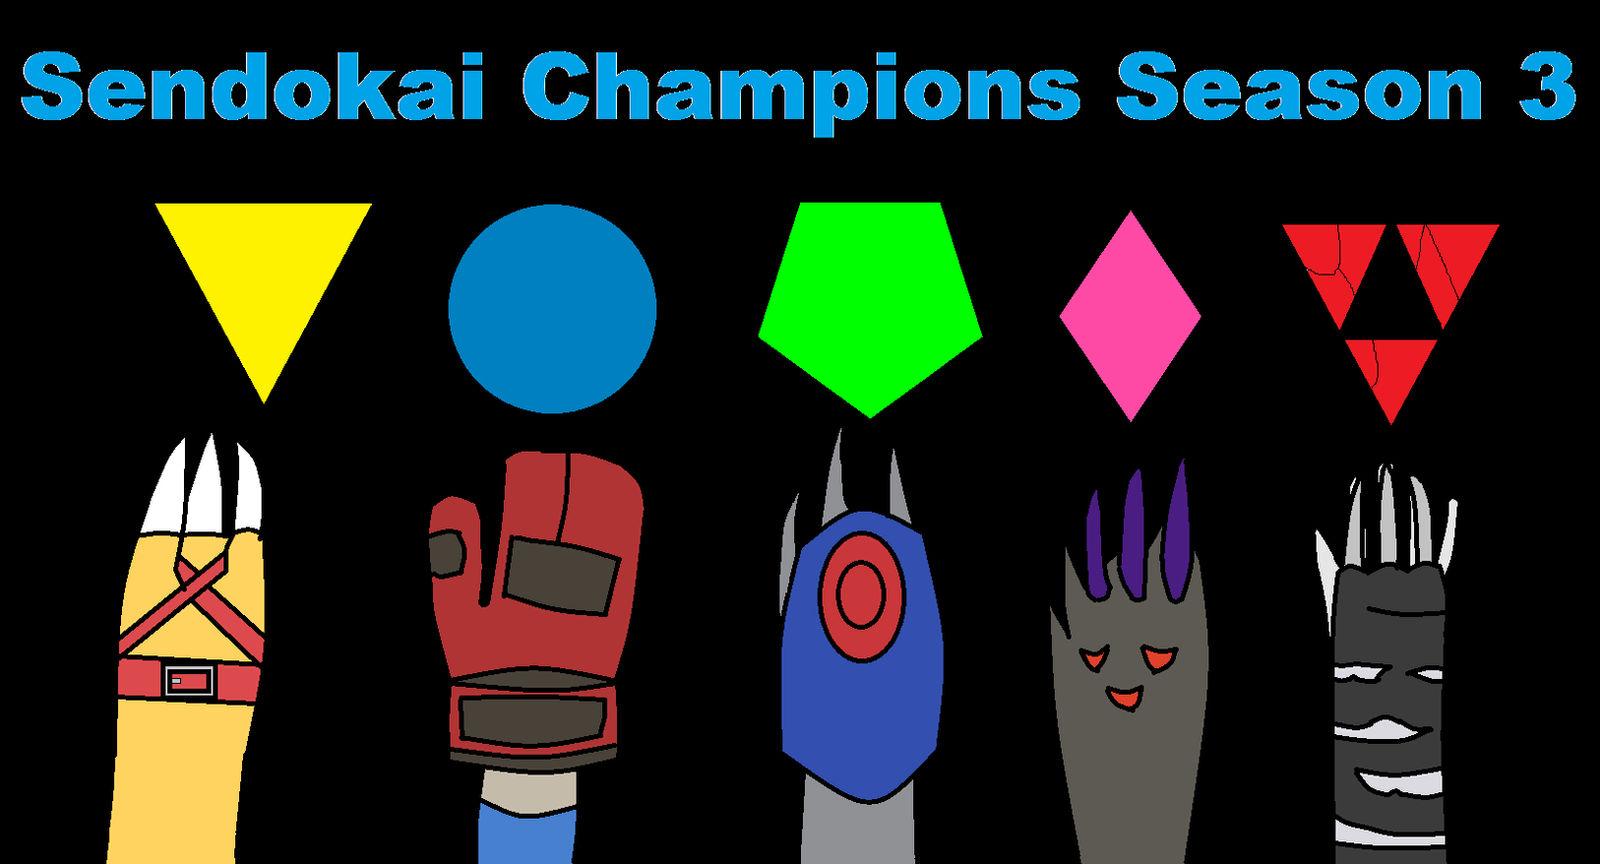 Sendokai Champions Season 3